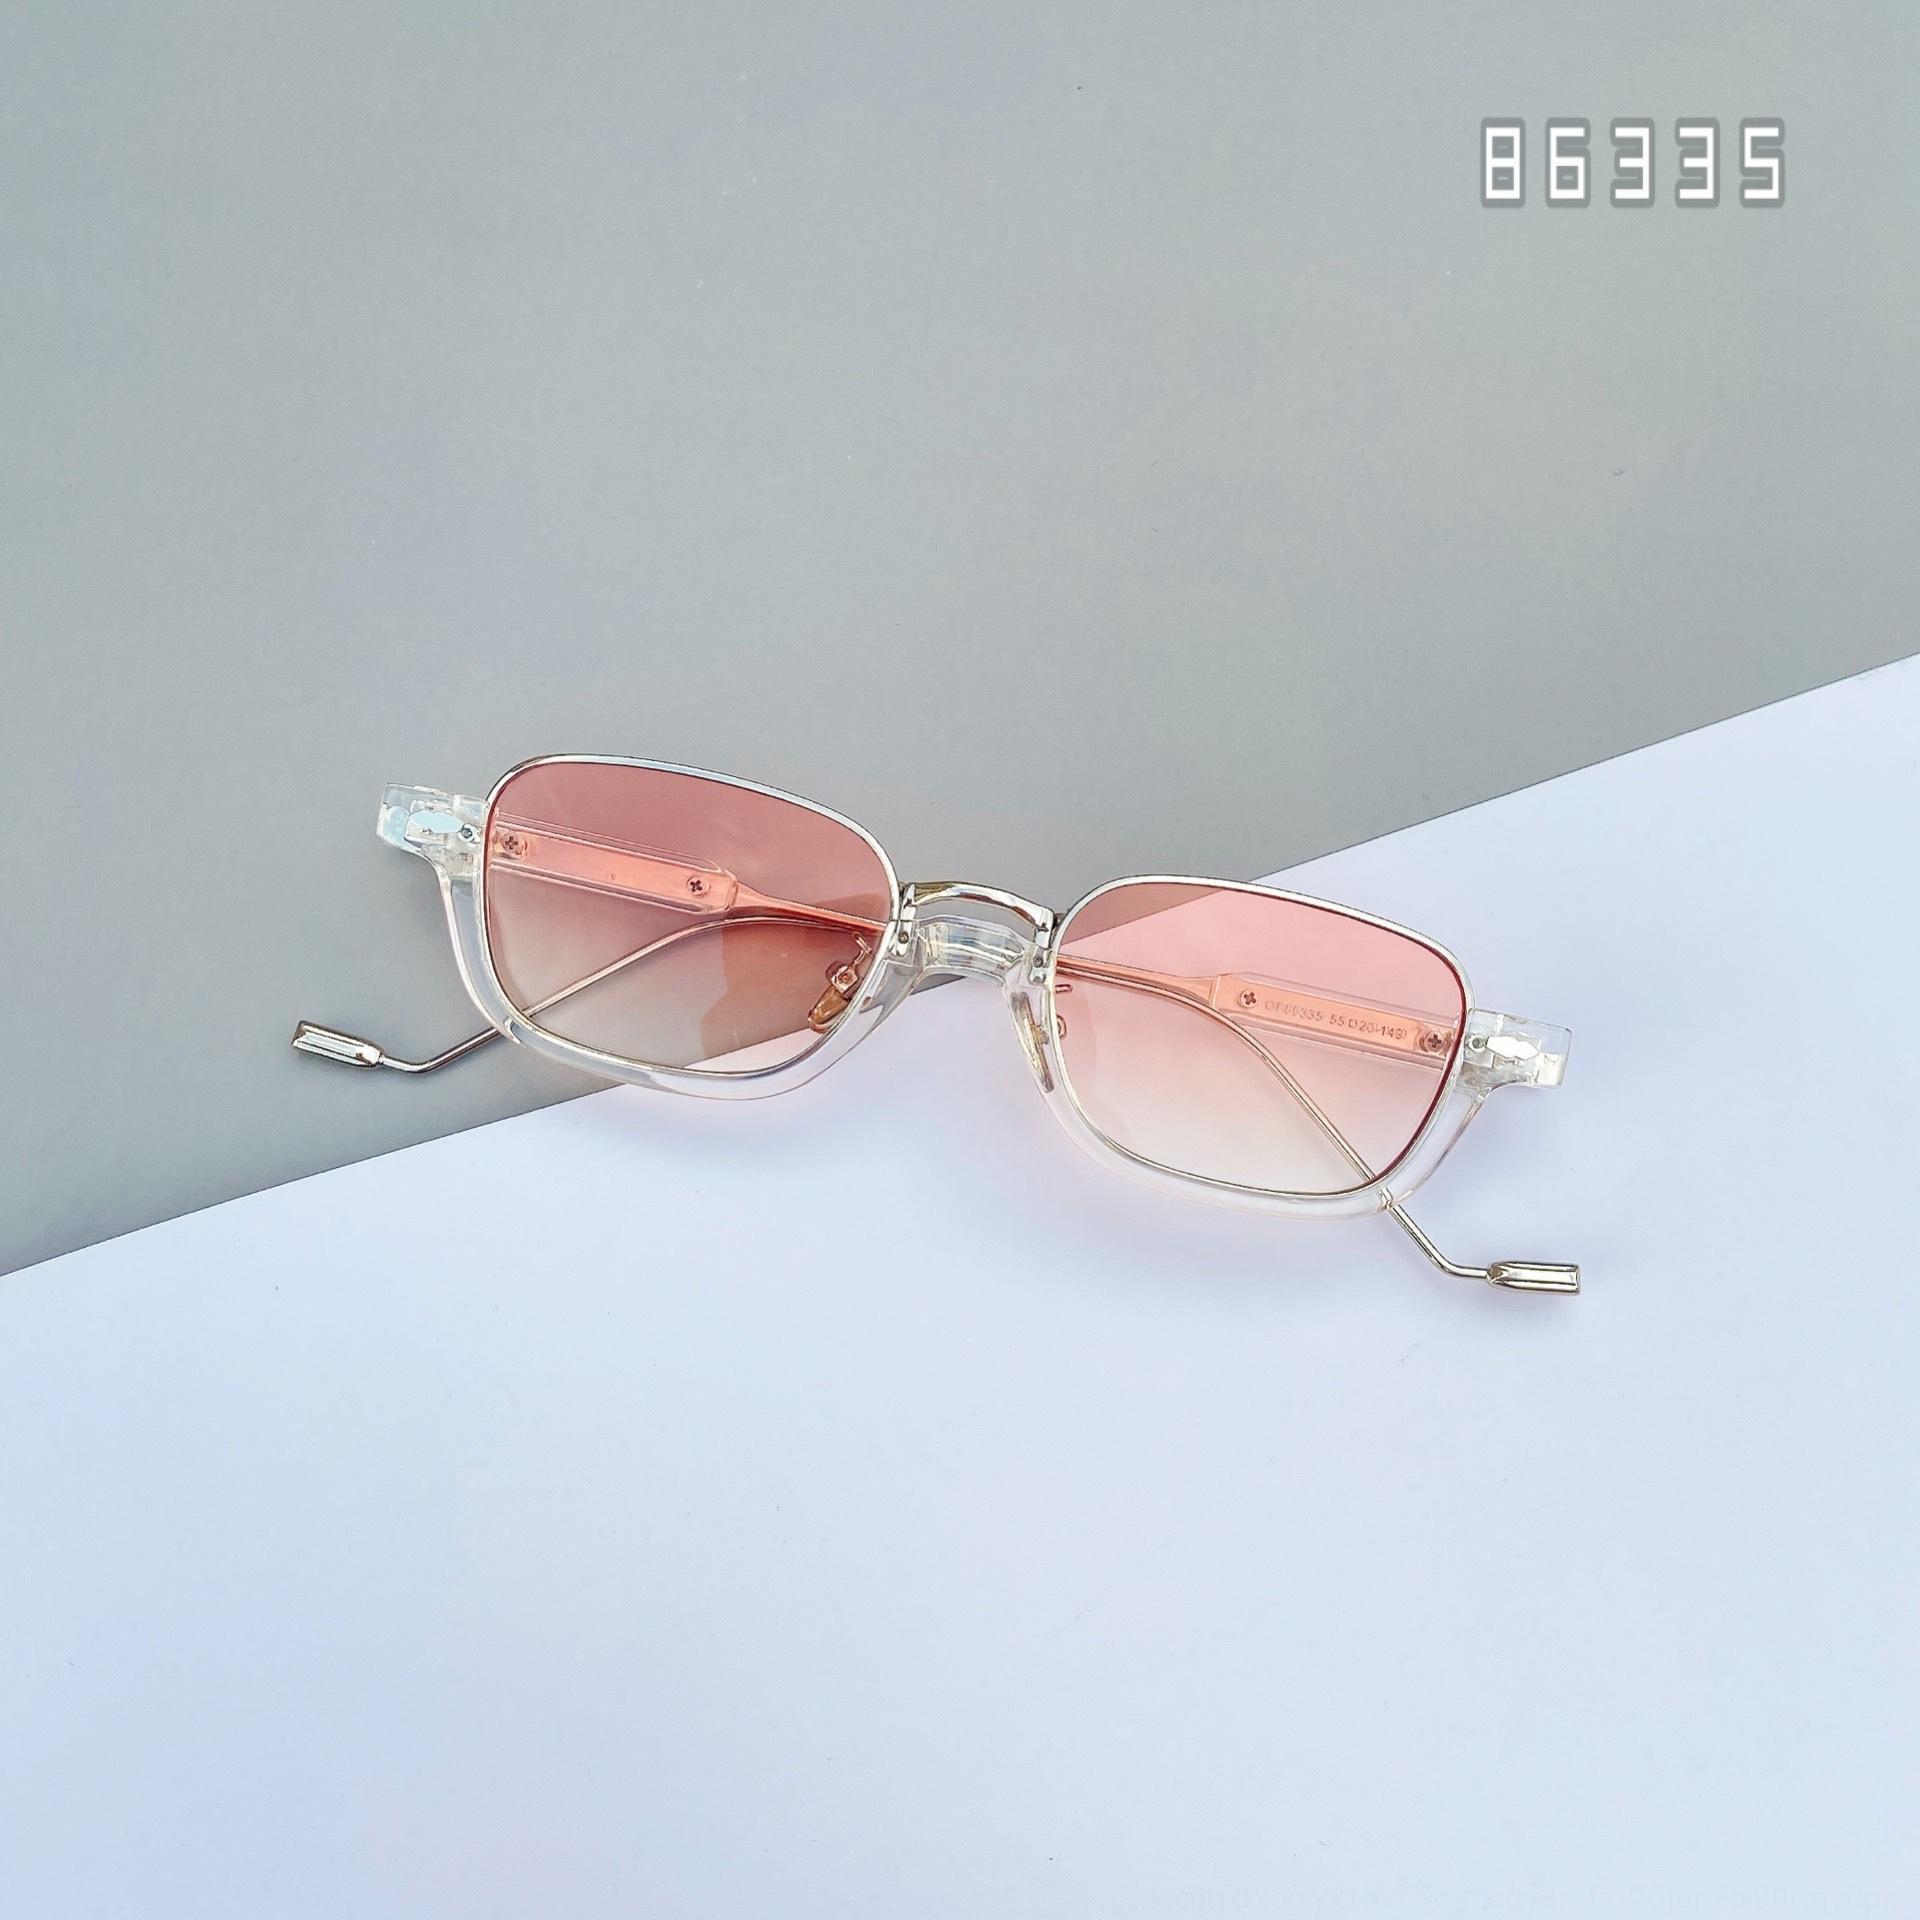 jwClT Otomano 86335 sol anti-luz azul simples otomanos 86335 sol anti-azul sol óculos de sol iluminar óculos simples